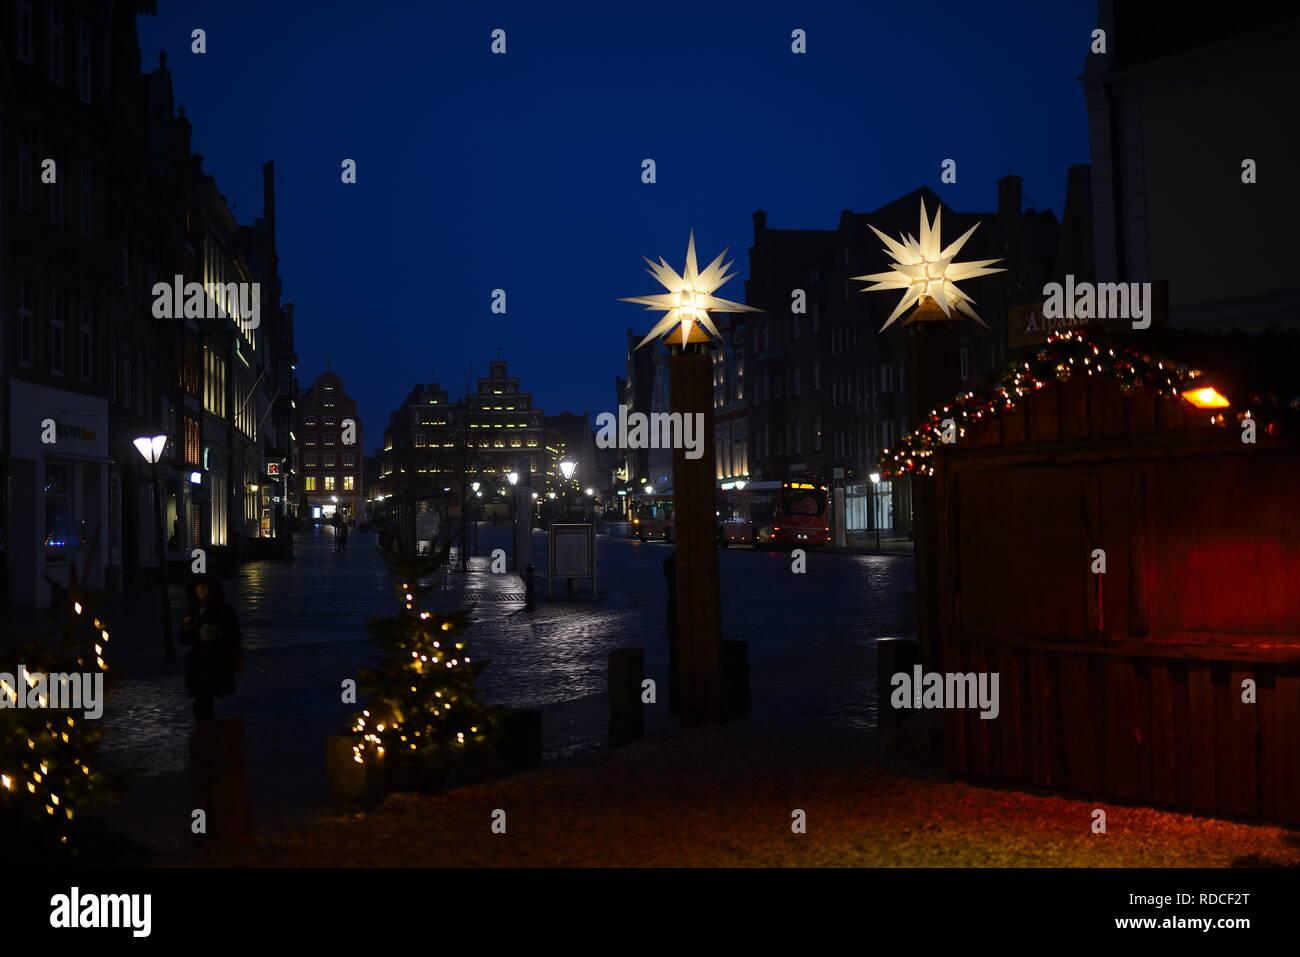 Stille auf Historischer Platz Am Sande. Nachts Lüneburg Altstadt Weihnachtsmarkt. Tourismus Städtereise zum Einkaufen in der Innenstadt Hansestadt - Stock Image